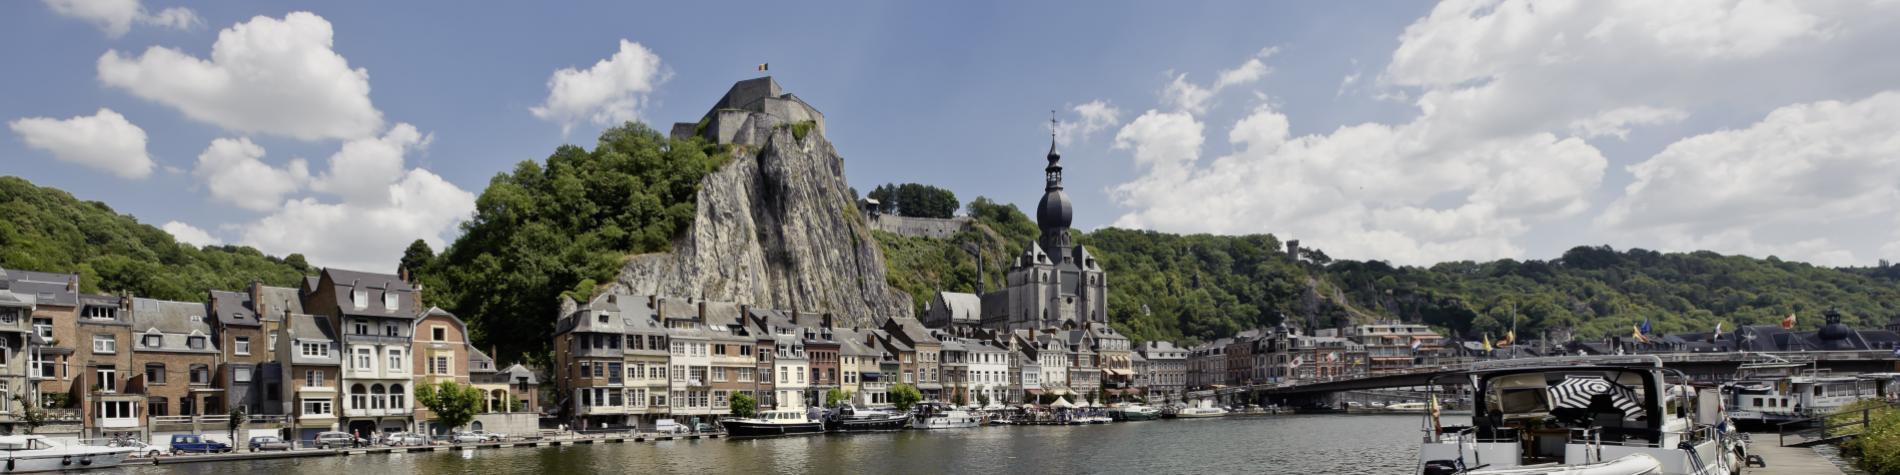 La collégiale et la citadelle de Dinant vues depuis la Meuse